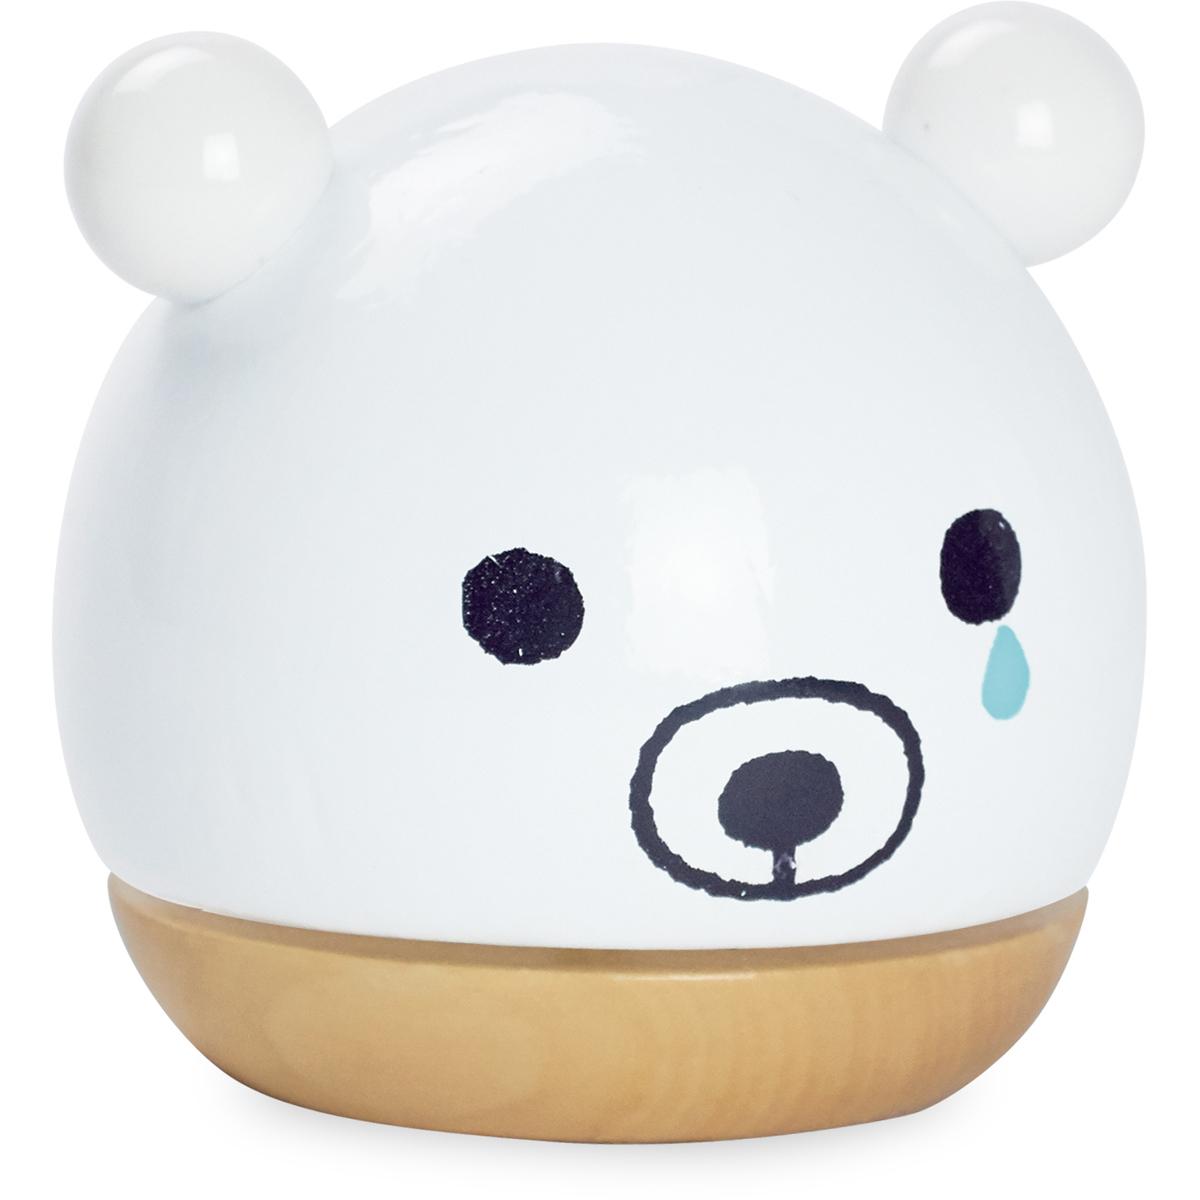 Boîte à musique Boîte à Musique Sora Bear par Shinzi Katoh Boîte à Musique Sora Bear par Shinzi Katoh